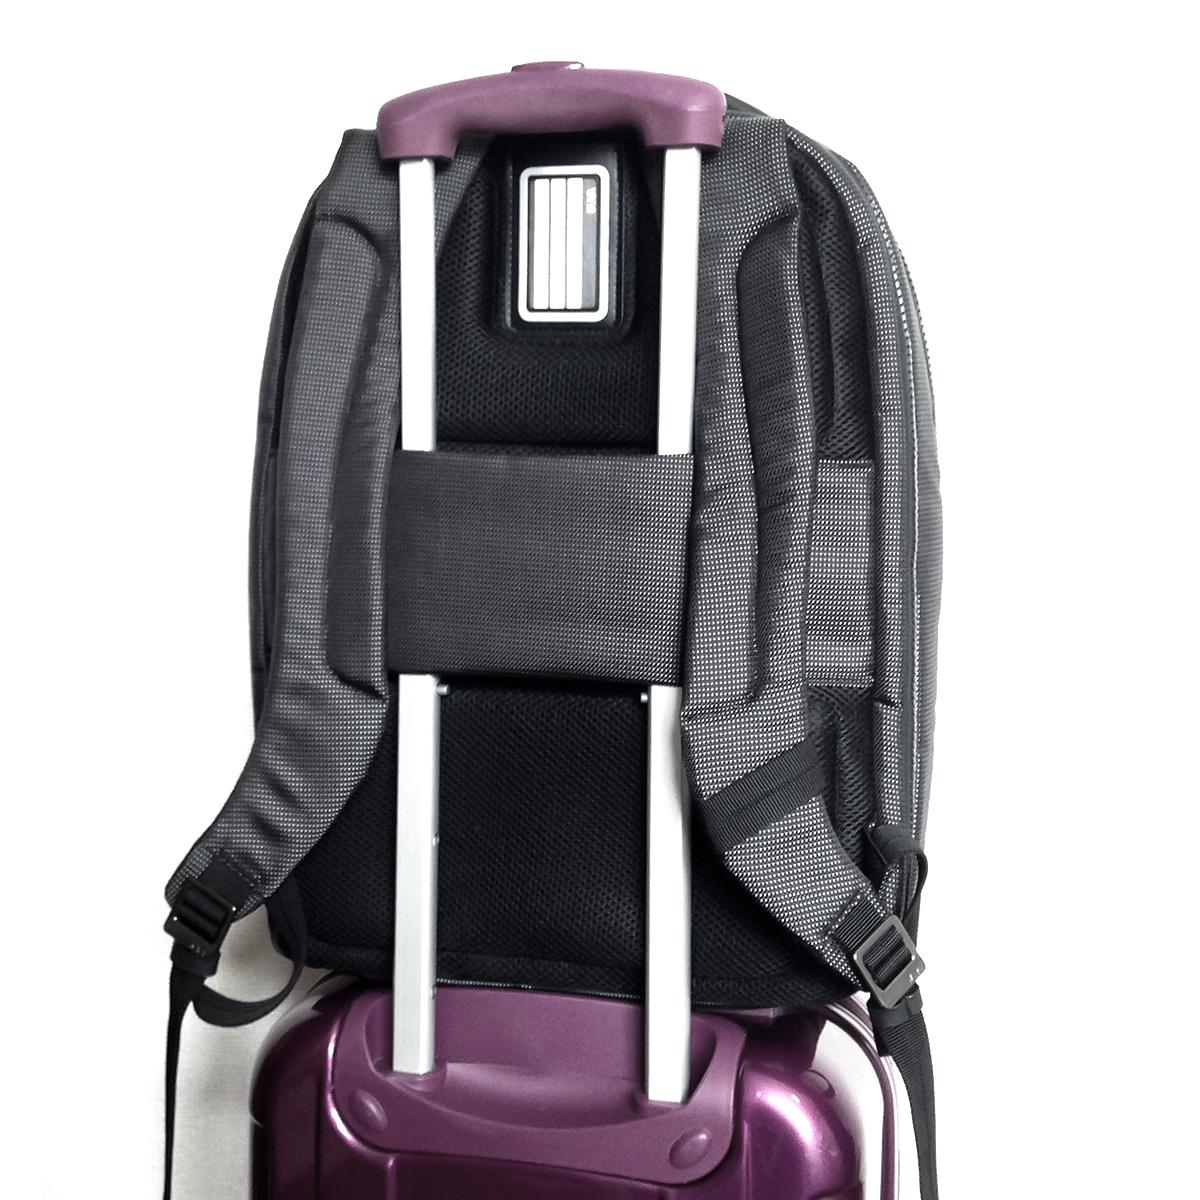 トロリースリーブ|180°開く収納コンパートメントだからスマートに収納できる。出張や旅行にぴったりのバックパック|NAVA